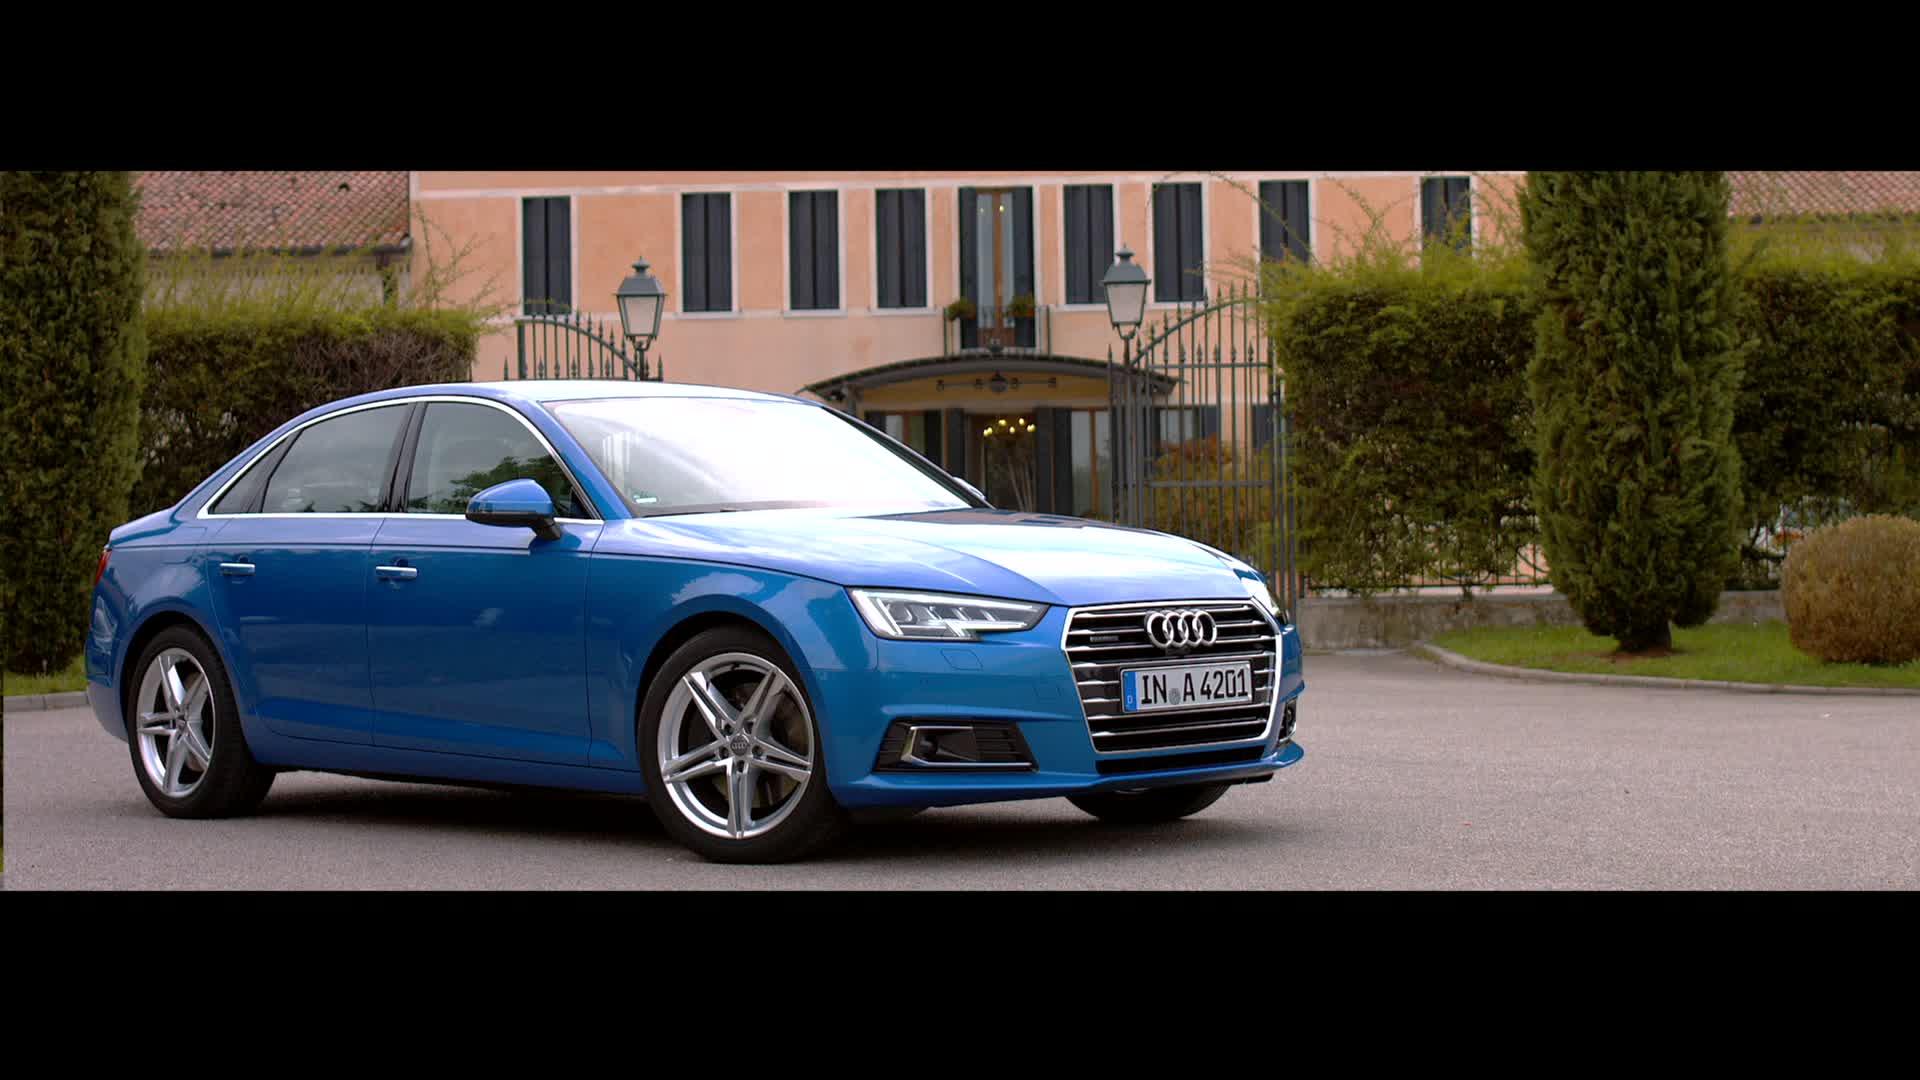 Audi A4 - Trailer Venice